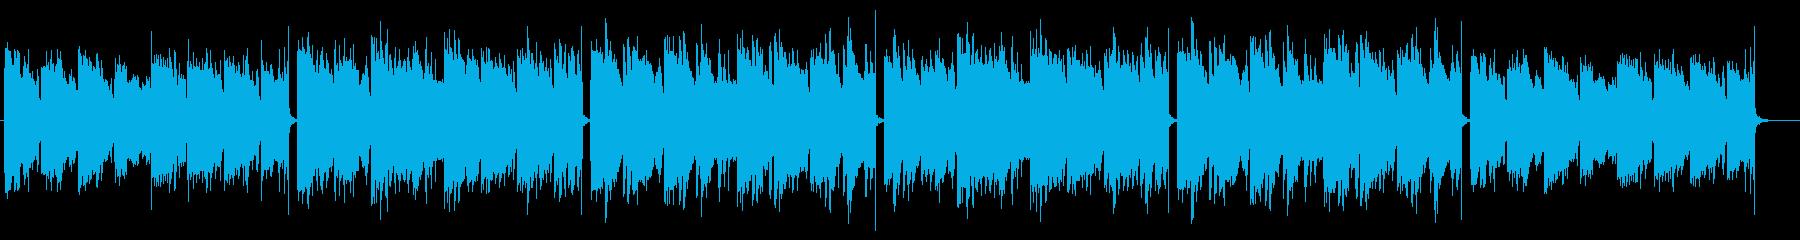 幻想的でリラックスしたLofiの再生済みの波形